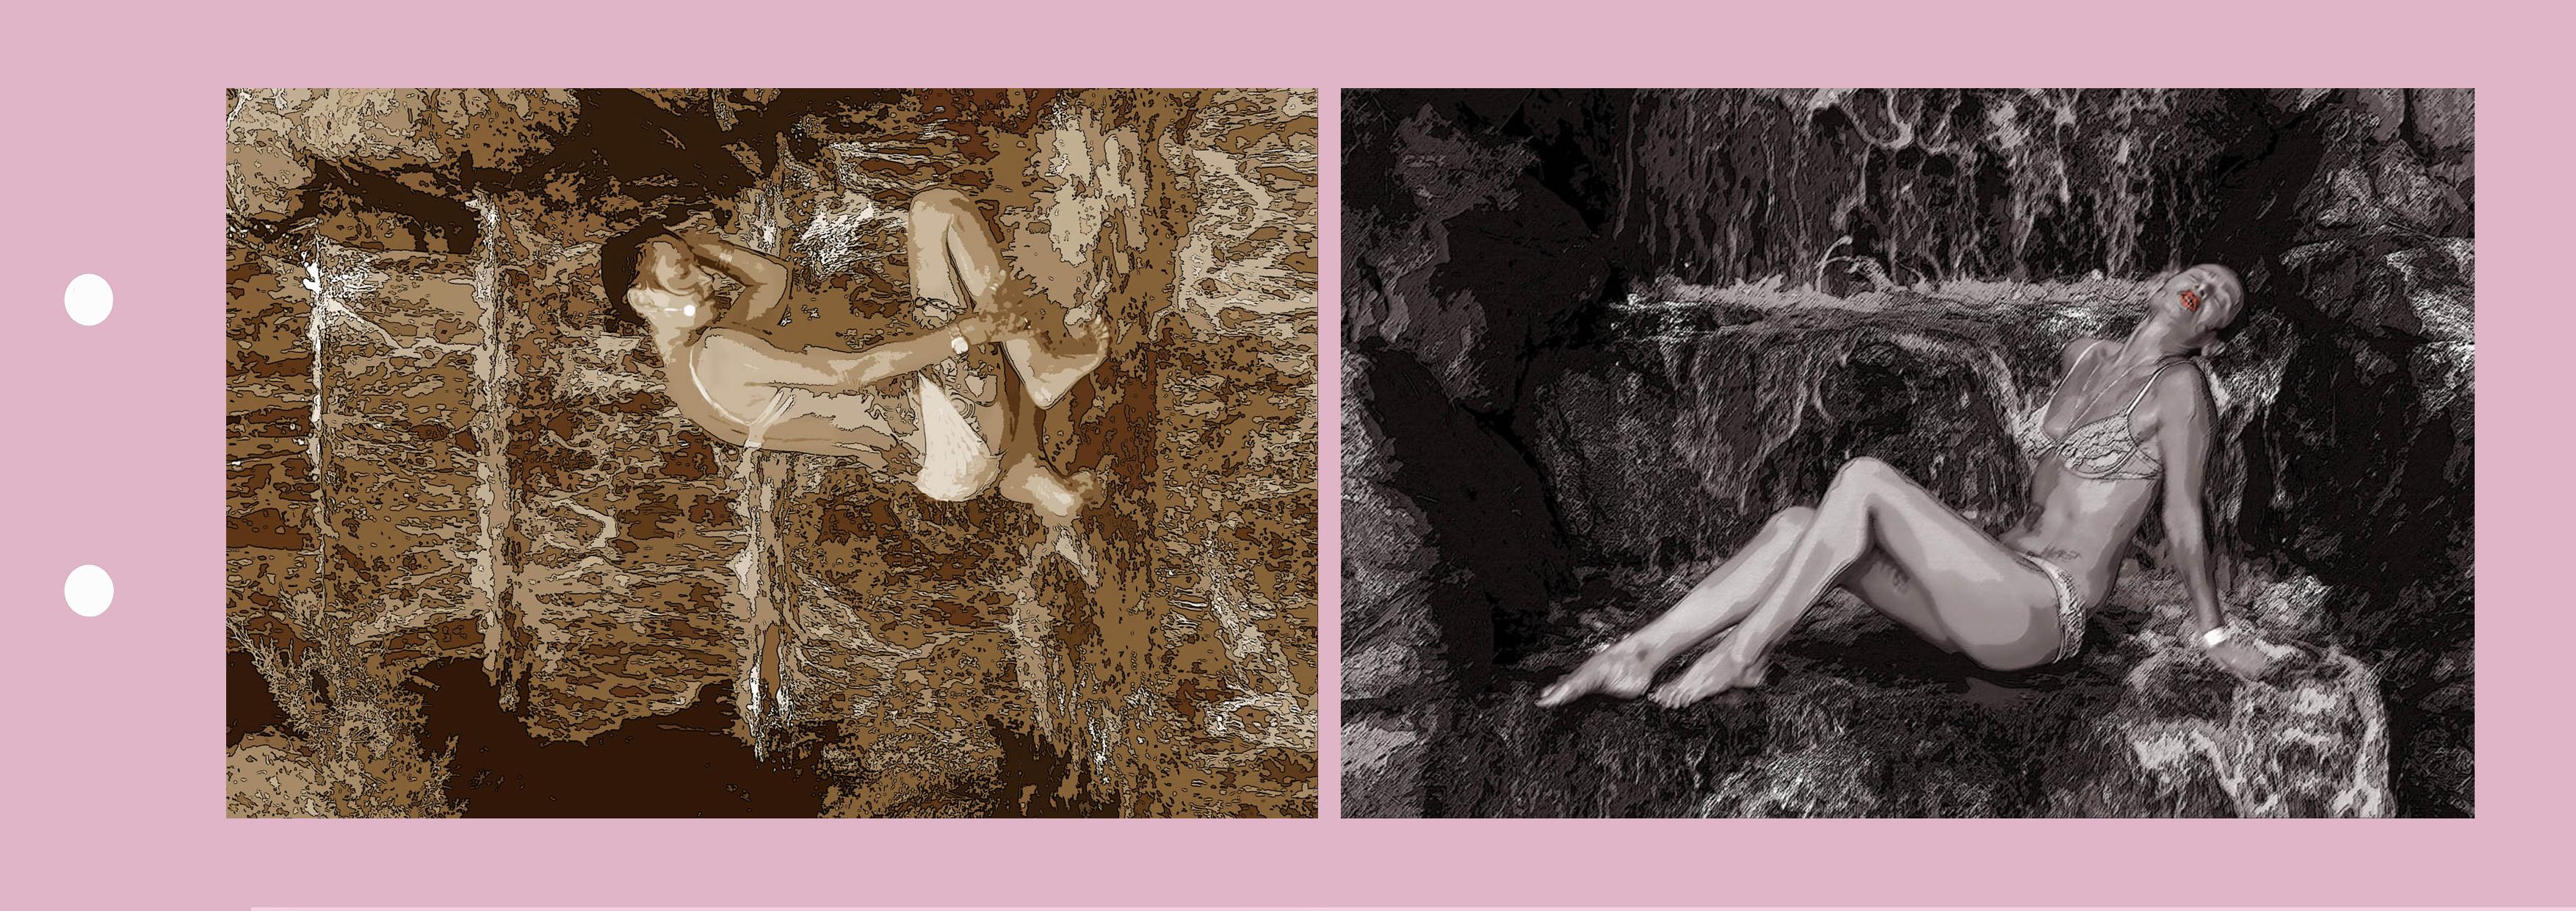 4-catalogo-ALBERTORIBAS-3-sirena-de-cascada.jpg